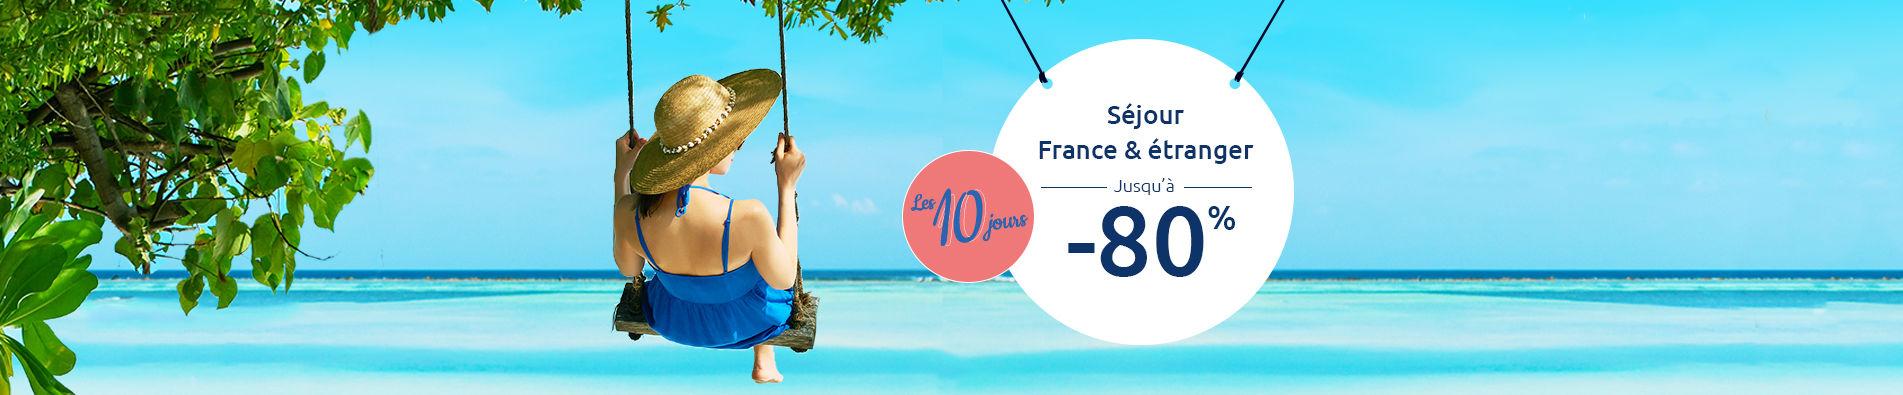 10 jours Carrefour Voyages